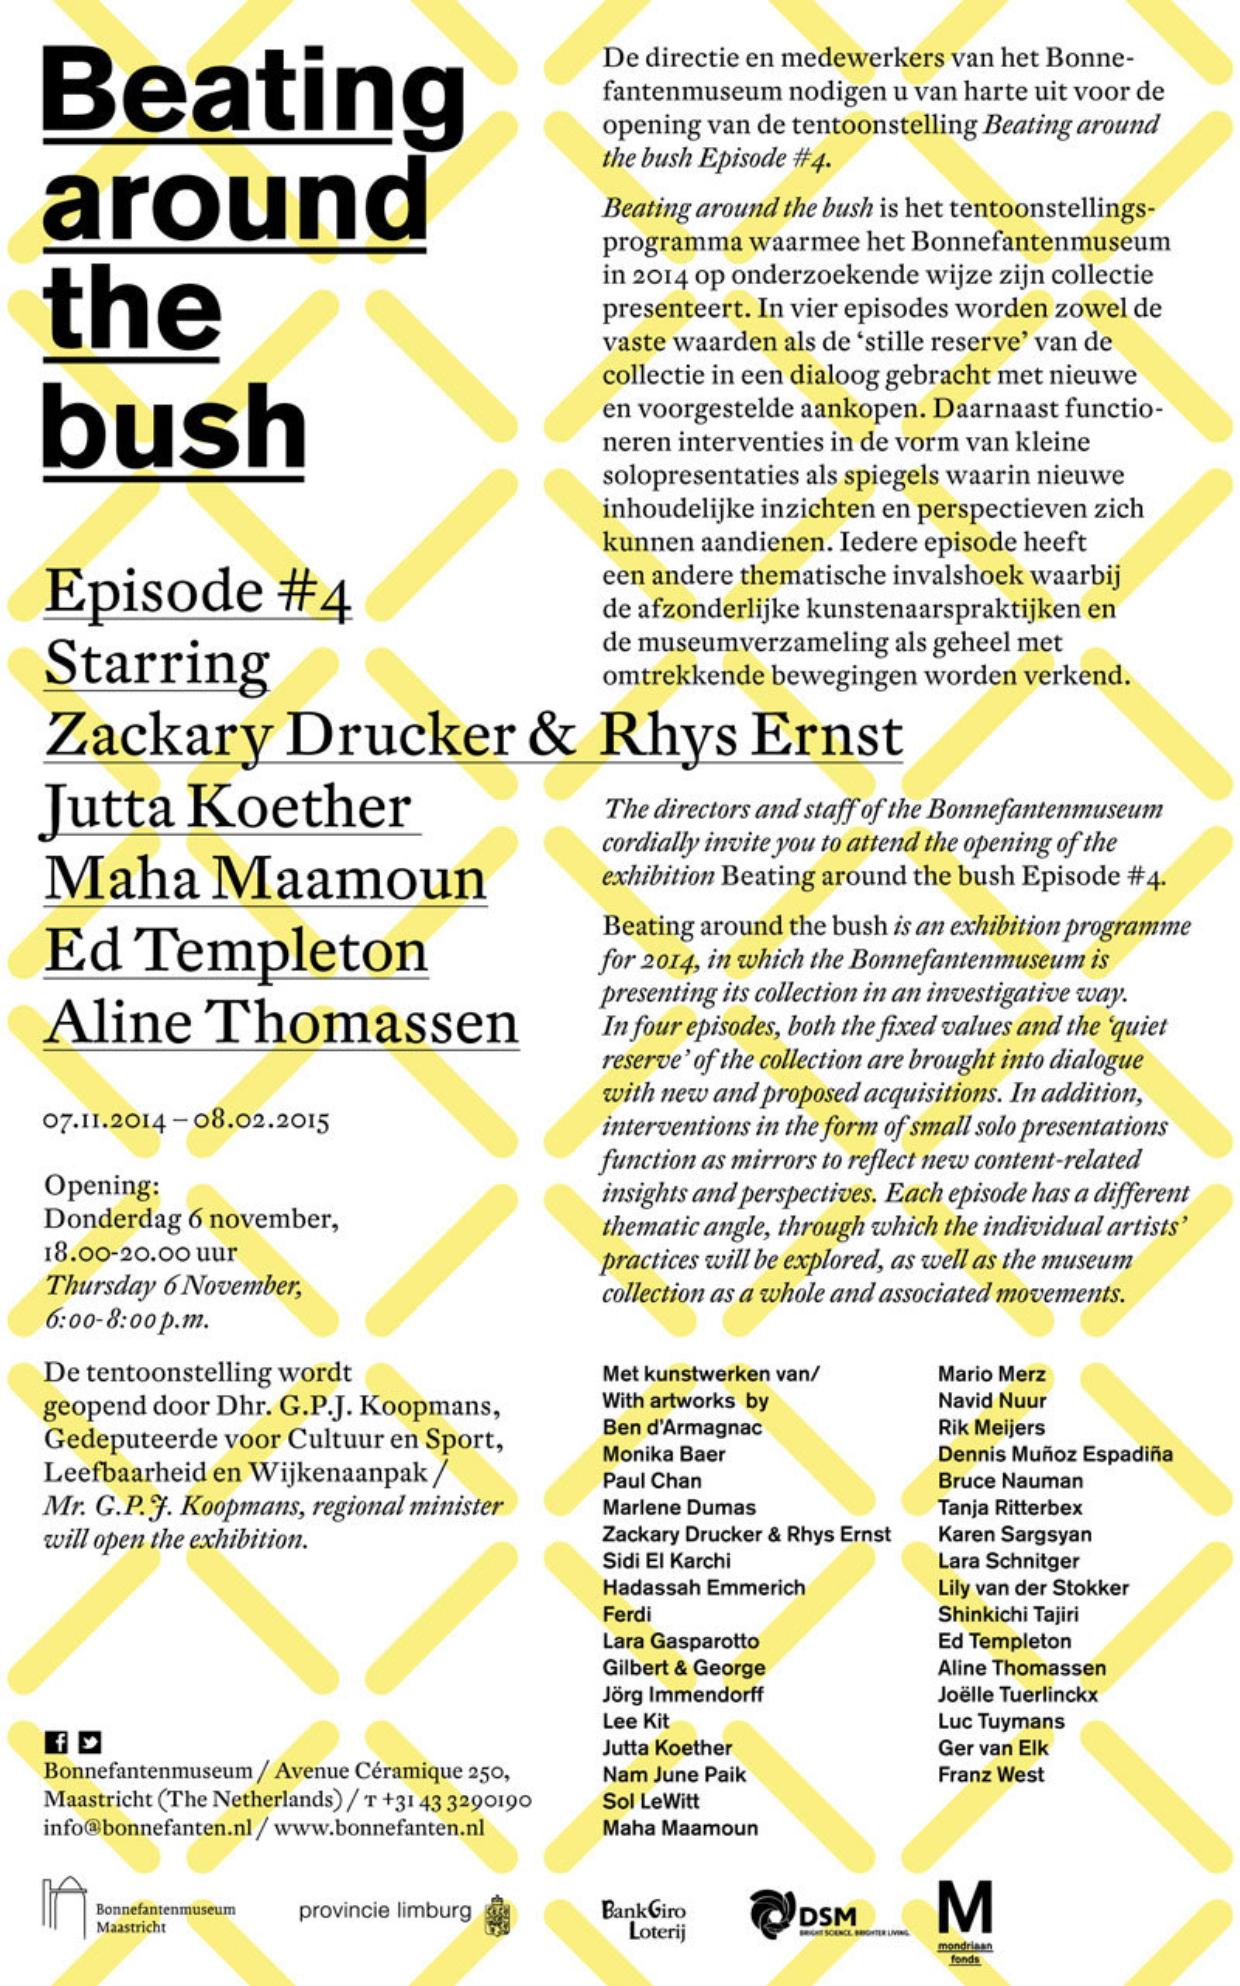 Uitnodiging Beating around the Bush #4